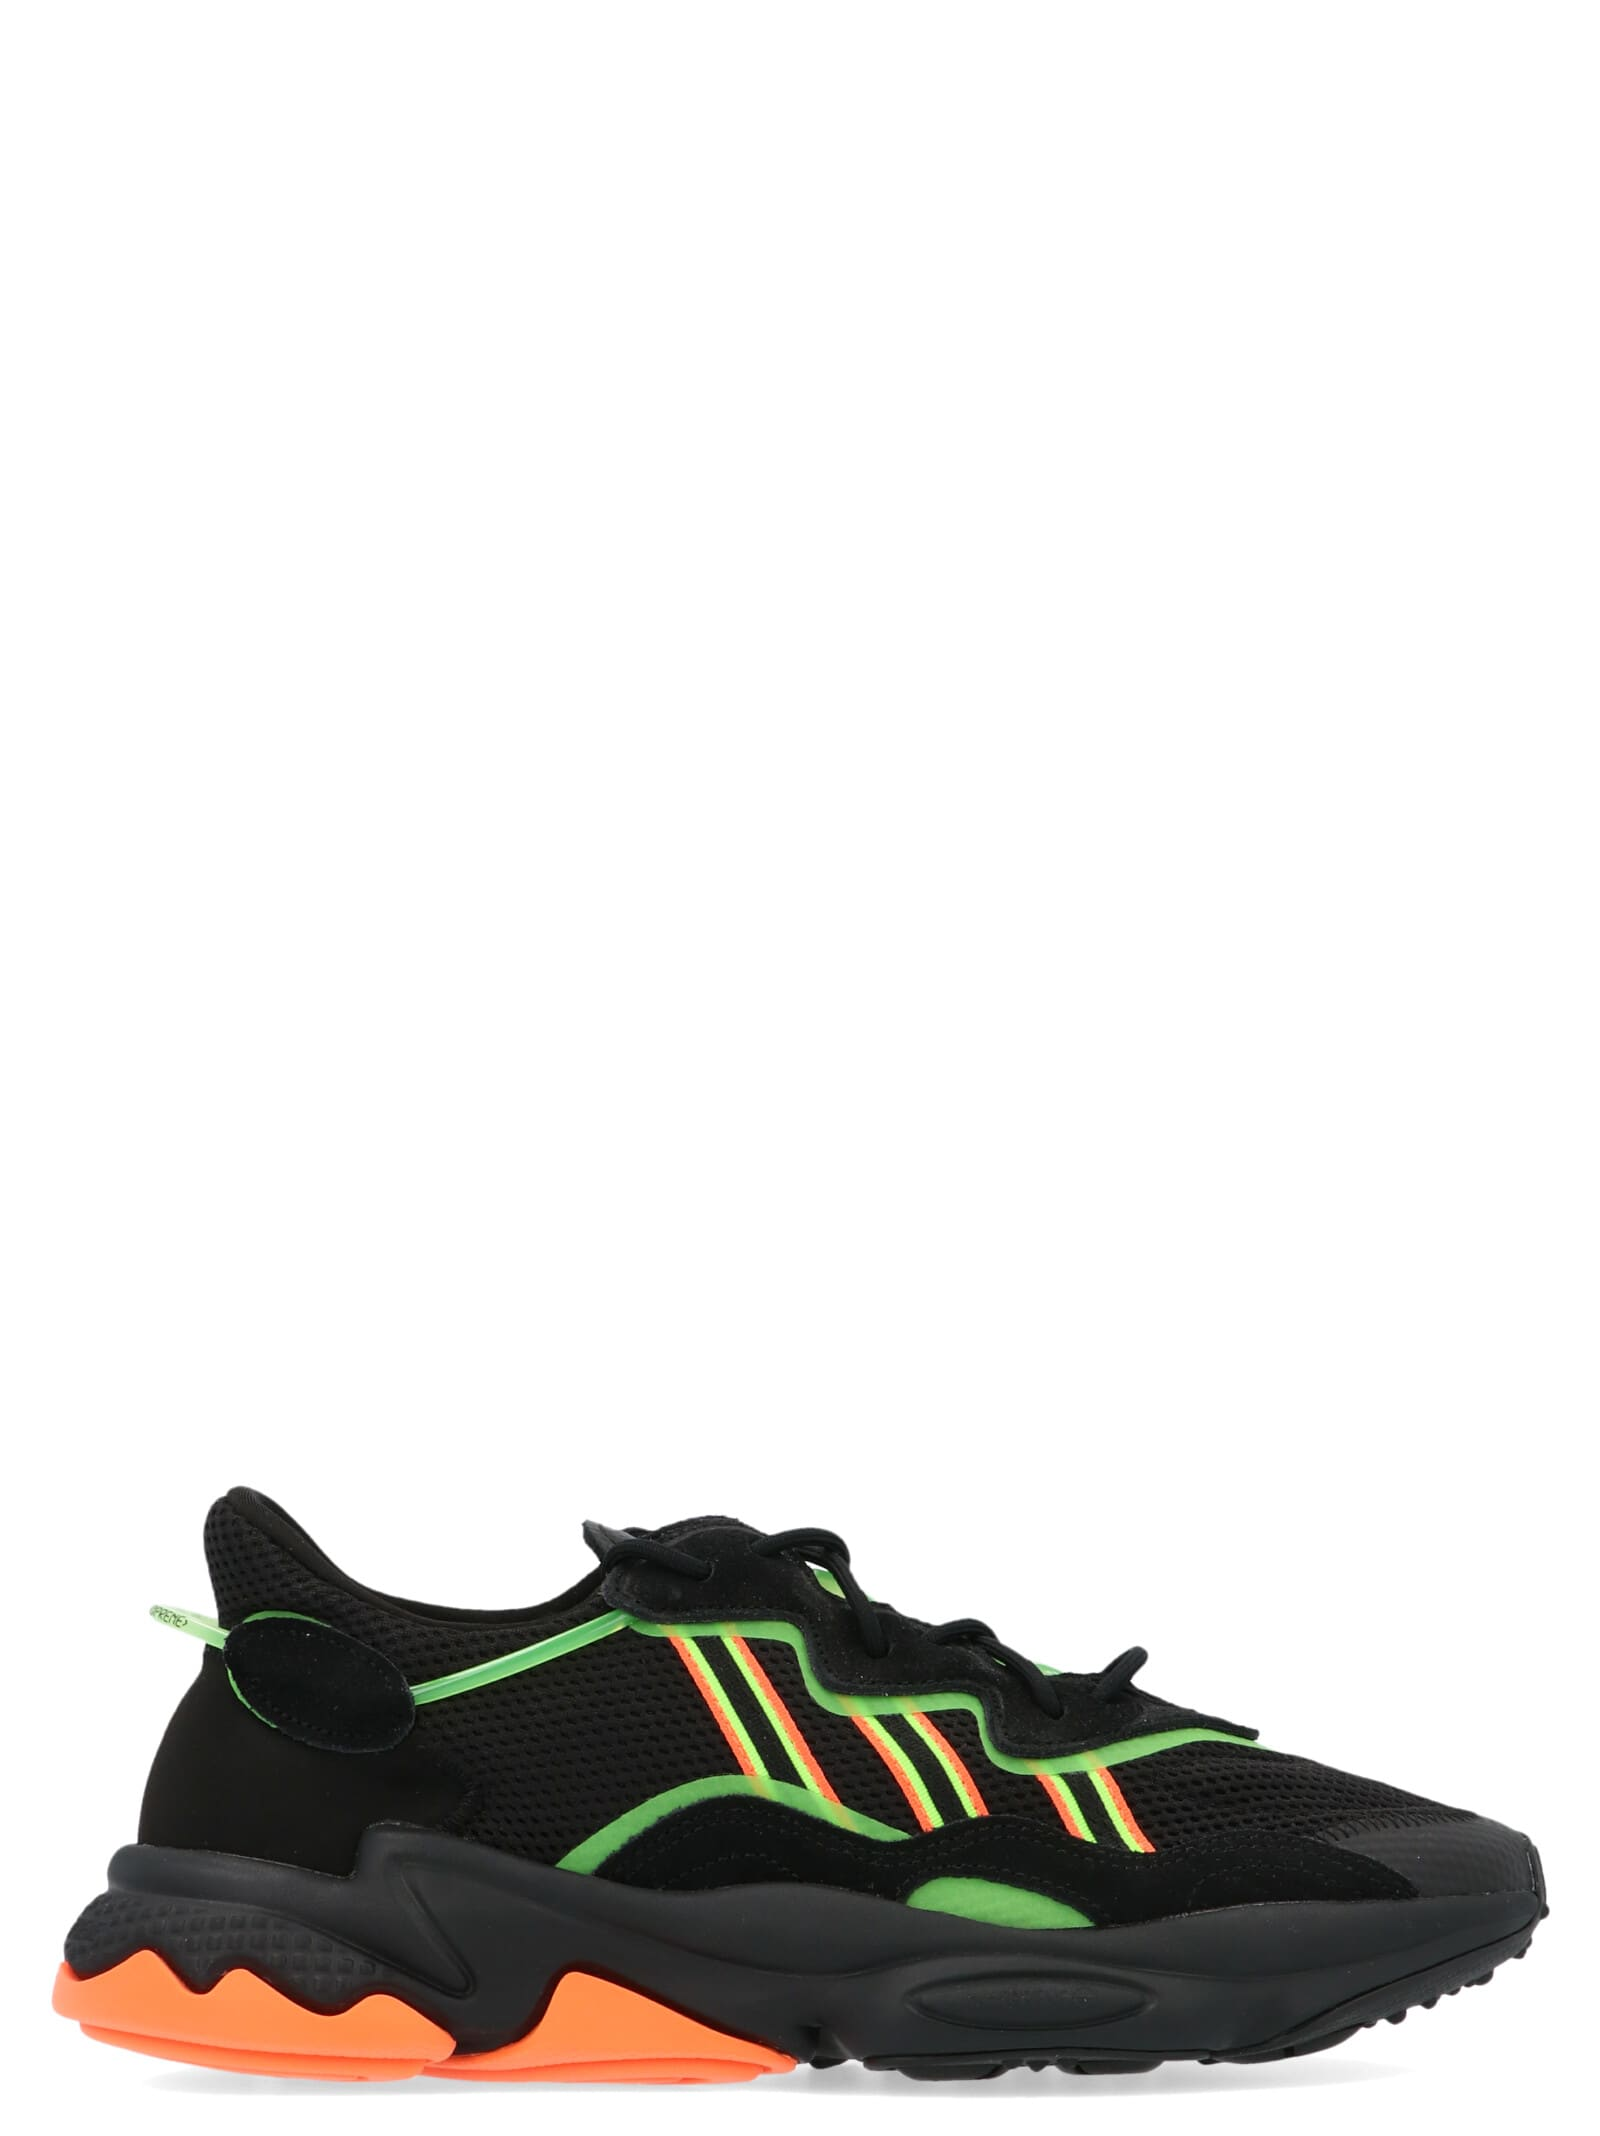 Adidas Originals Adidas Originals 'ozweego' Shoes Black